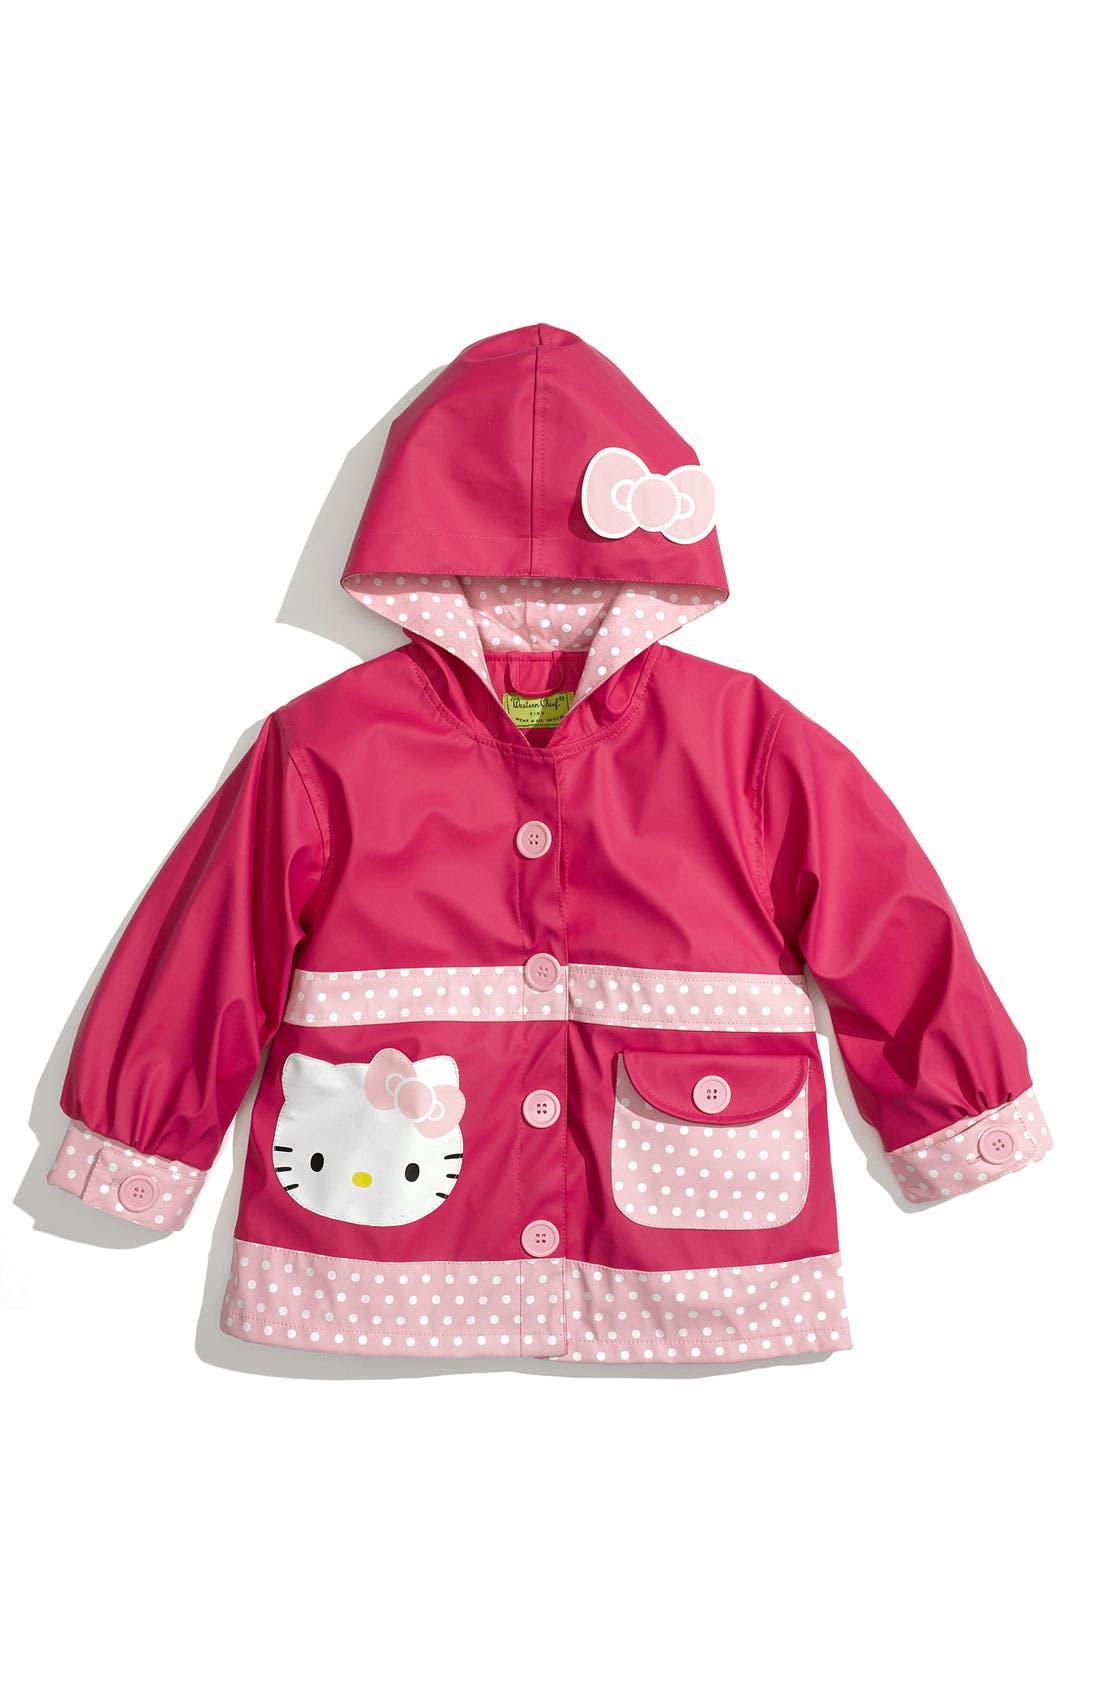 Main Image - Western Chief 'Hello Kitty® Ruffles' Raincoat (Toddler Girls & Little Girls)